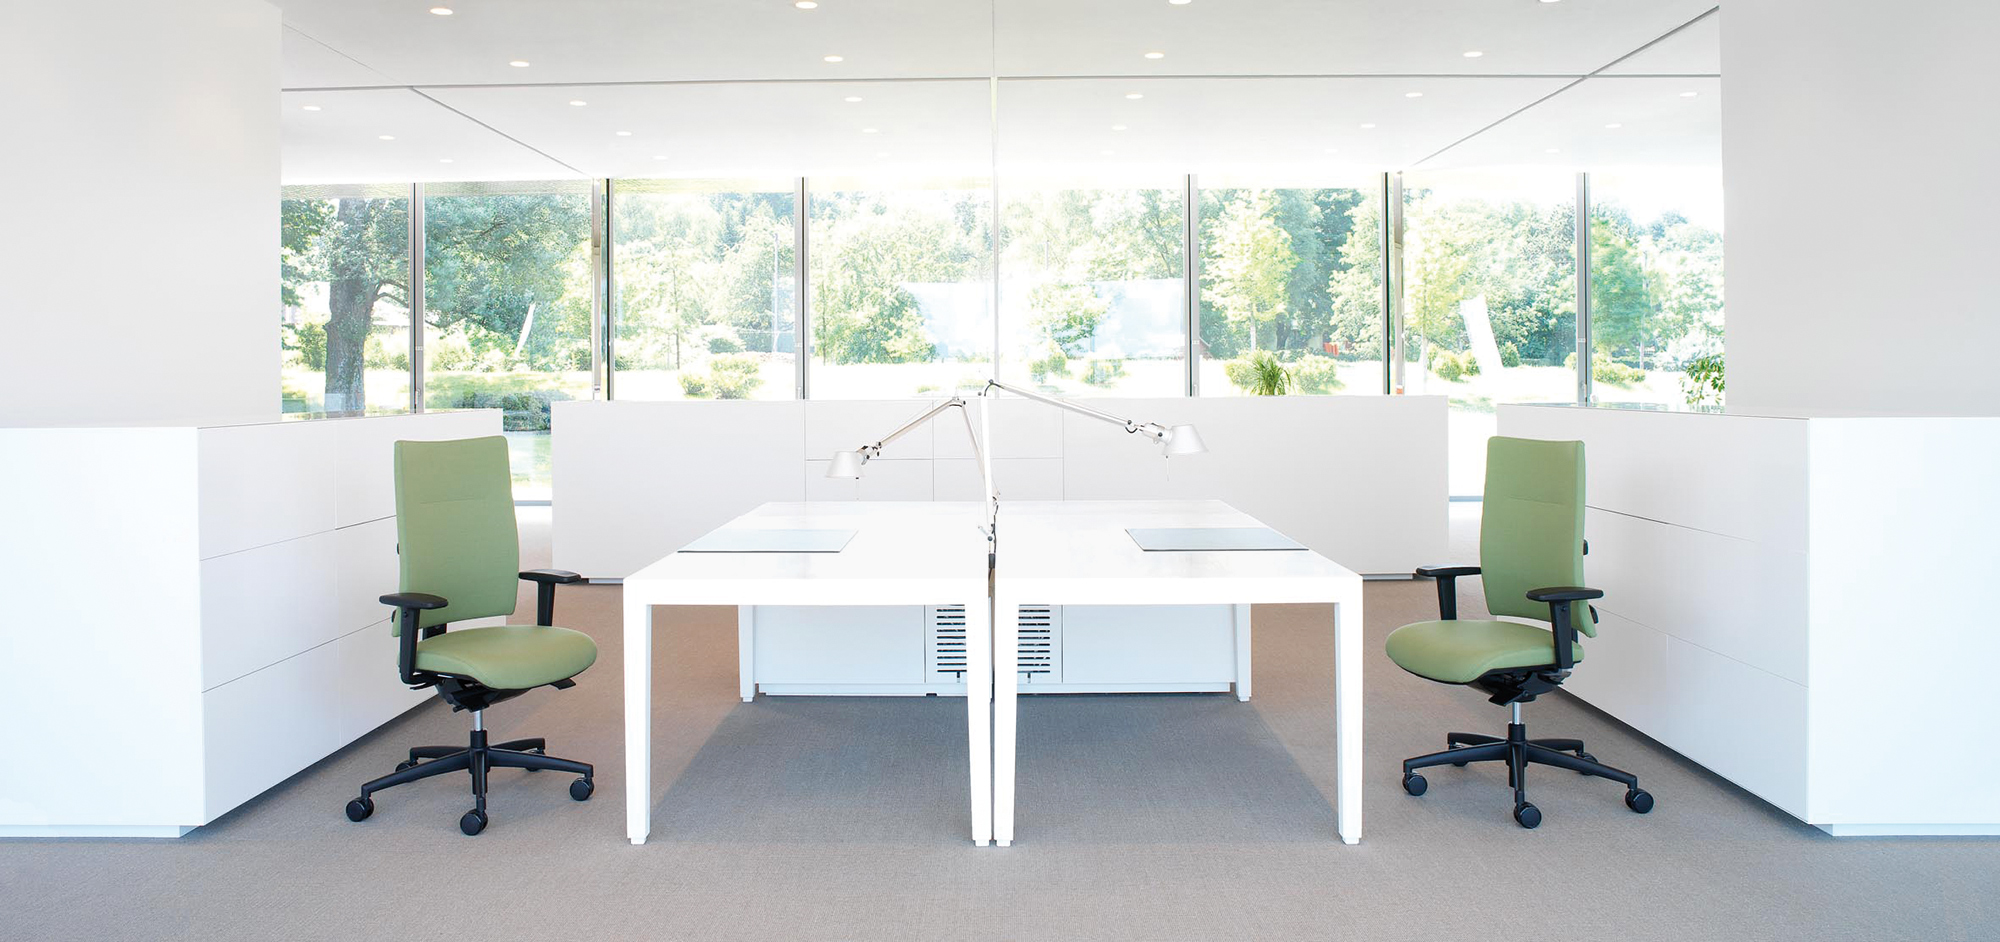 Niedlich Top Büromöbel Zeitgenössisch - Hauptinnenideen - kakados.com